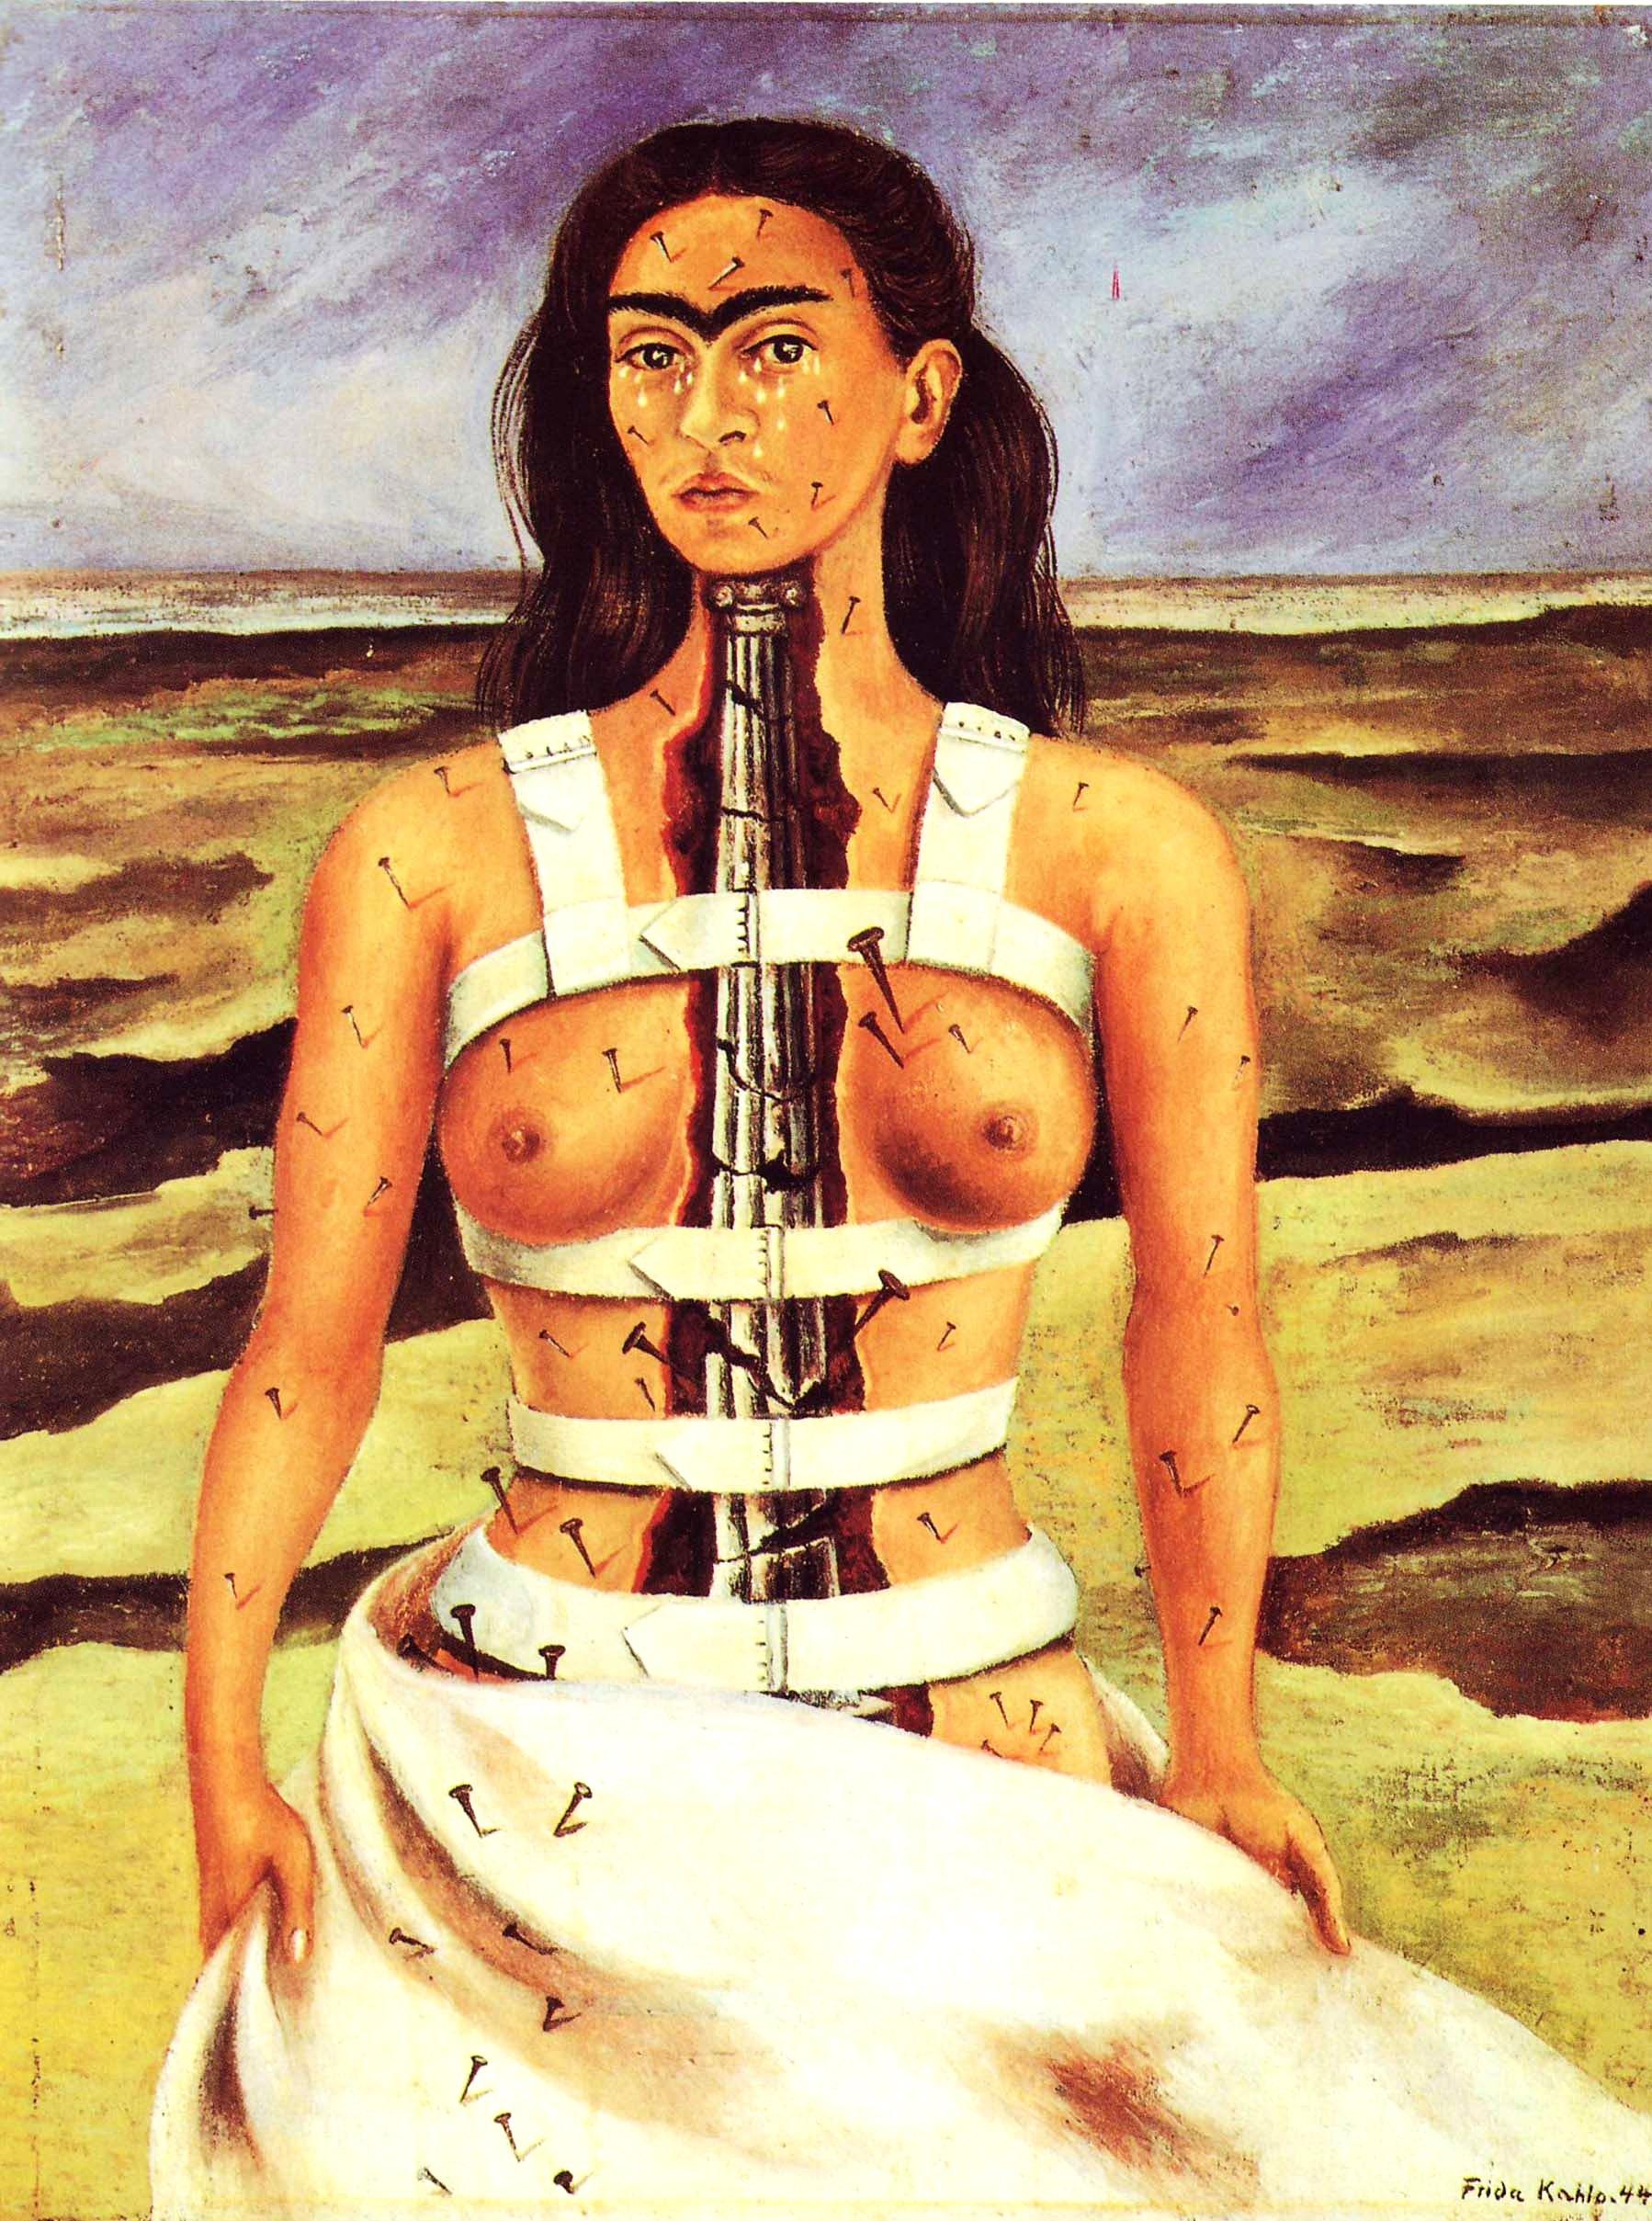 kahlo-la-columna-rota-1944